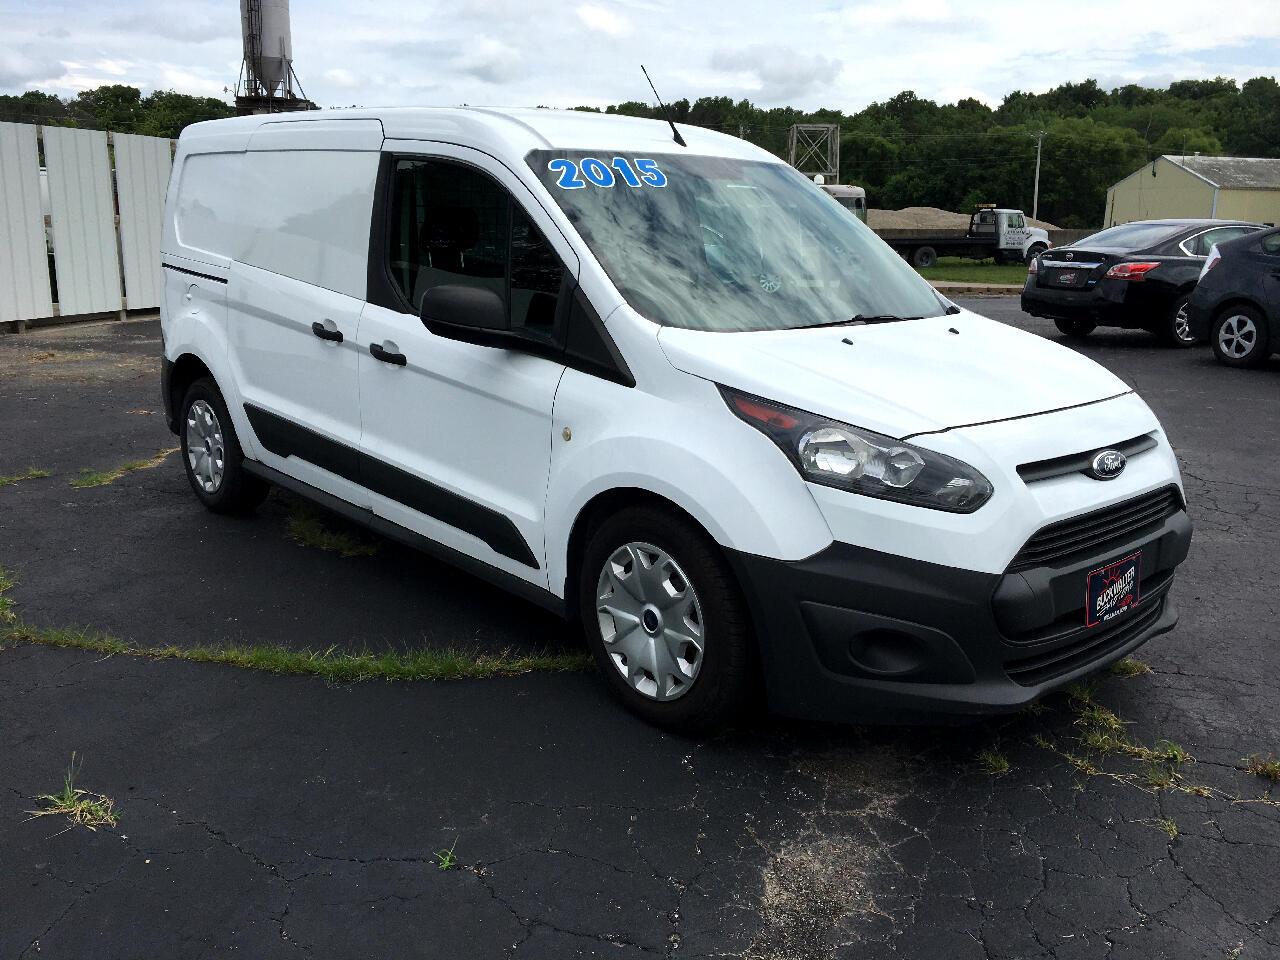 Ford Transit Connect XL LWB 2015